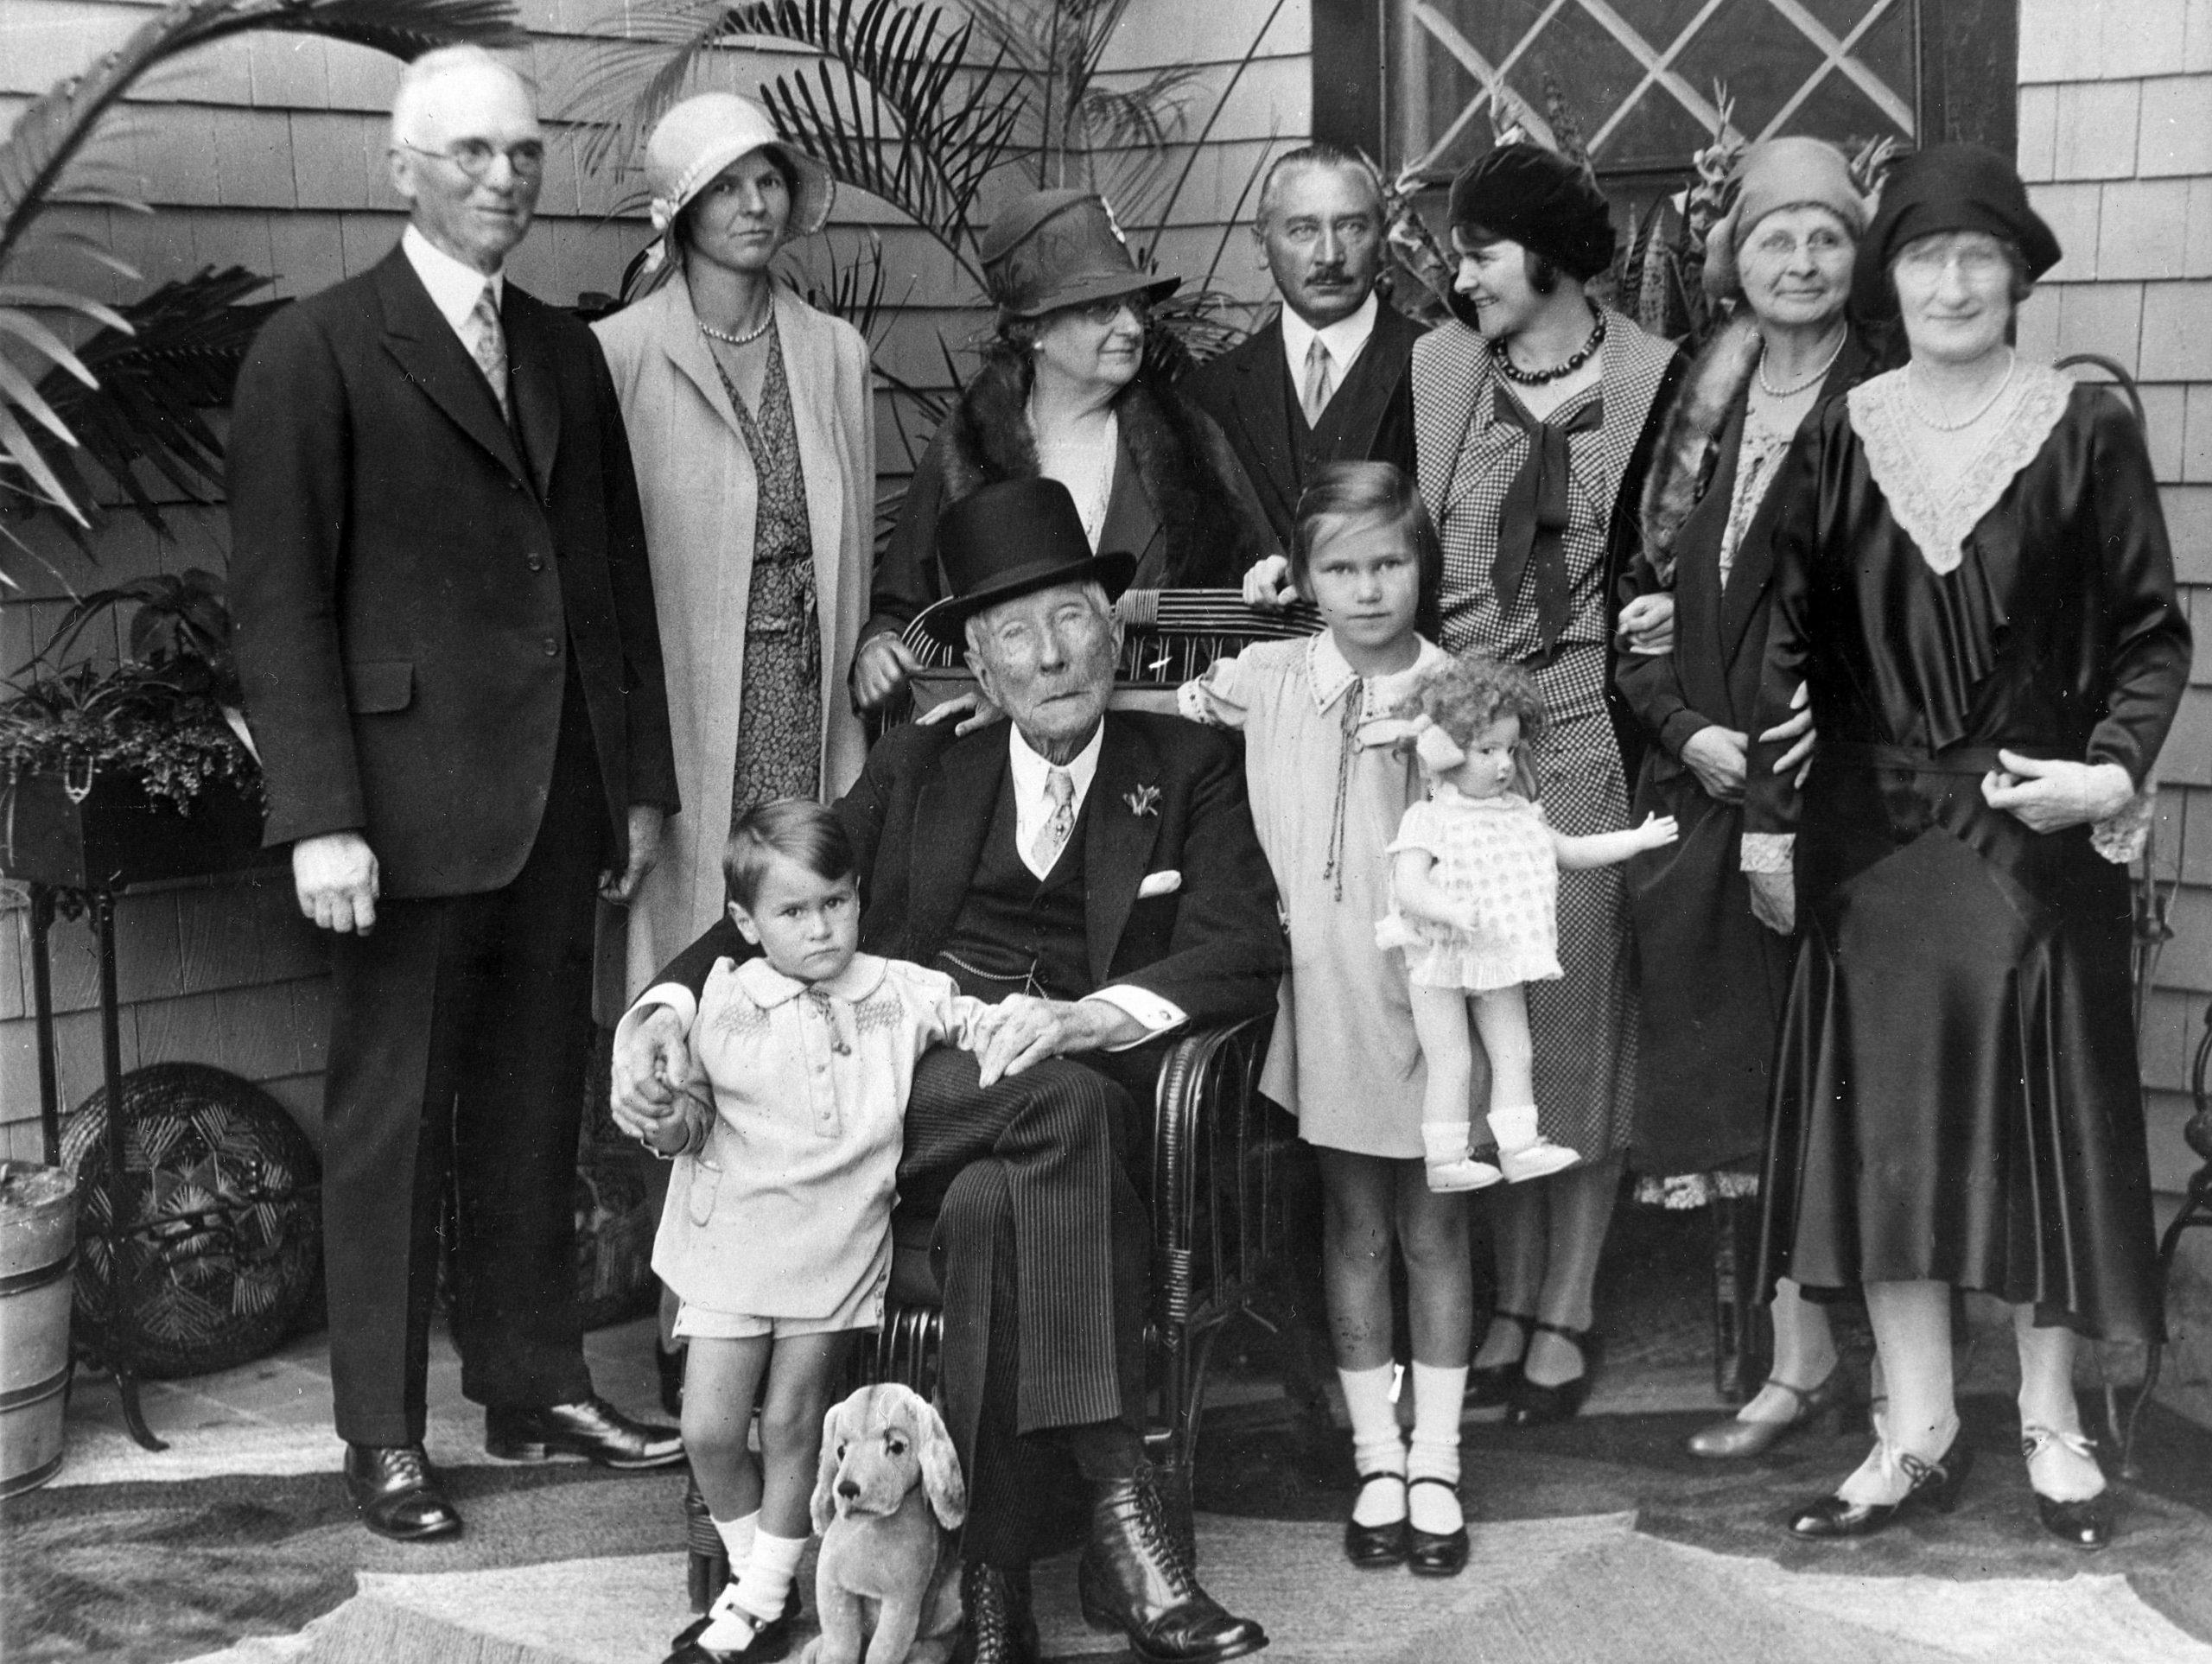 Cách dạy con của vợ chồng tỷ phú Rockefeller